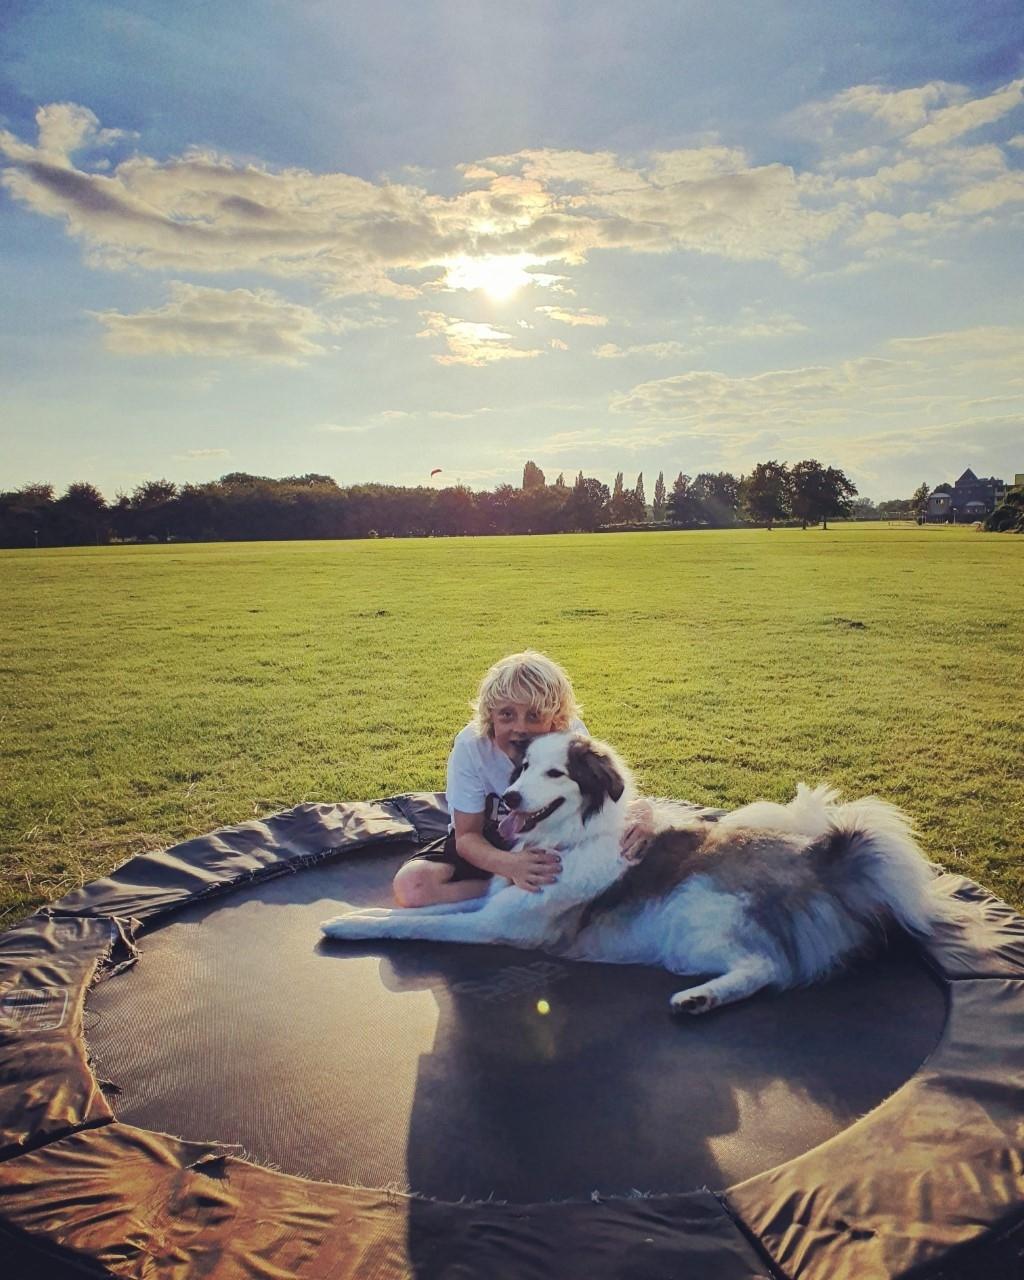 Tijdens een heerlijke avondwandeling was het onderweg knuffeltijd op de trampoline. Onze grote reuzin uit Roemenië, Lina (1 jaar), is Quinn (10 jaar) zijn beste vriend(in) Sanne Huyser © BDU media